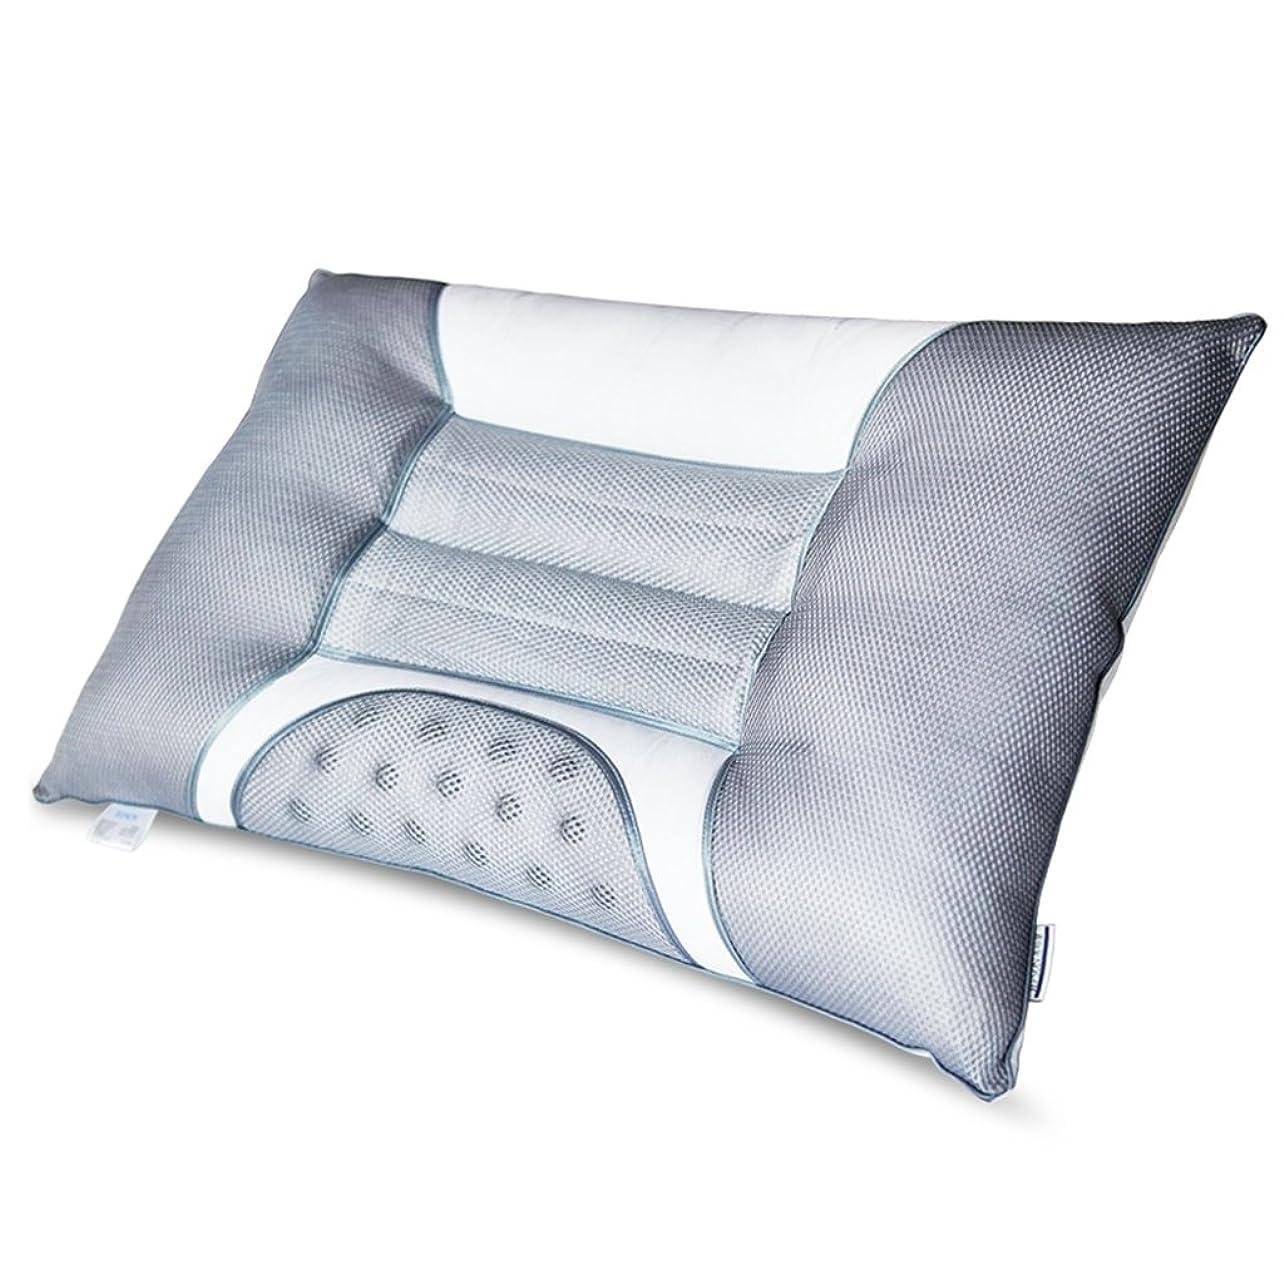 まっすぐ冬壮大な全そば枕 安眠枕 ピロー 漢方睡眠健康枕 ヘルスケア枕 中身そば殻使用 磁石入り 洗える 防湿通気 快眠グッズ 高さ調節可能 そば